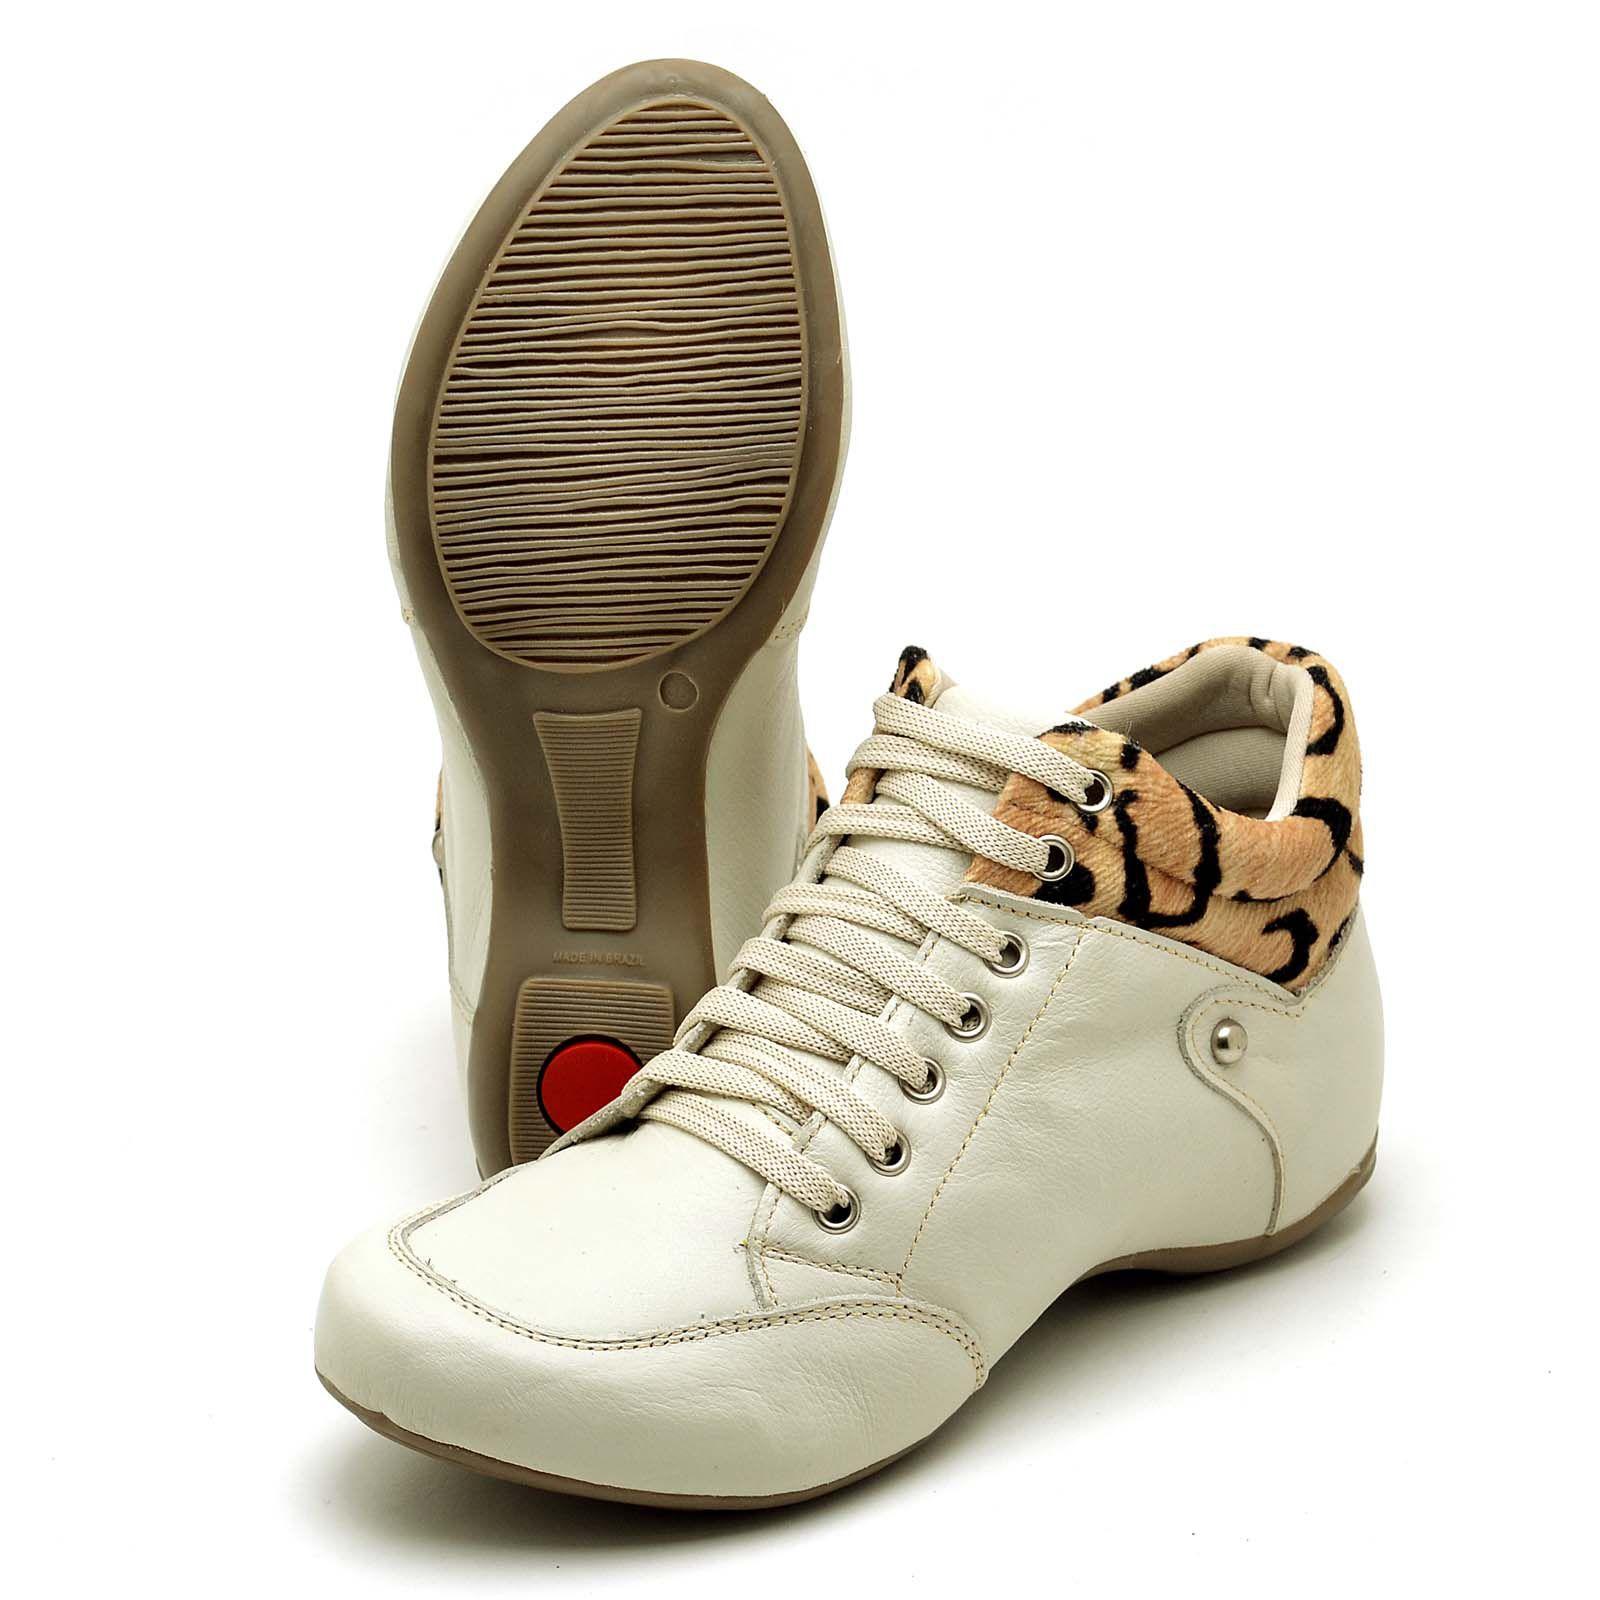 Bota Sport Clube do Sapato de Franca Top Confort Nude/Onça